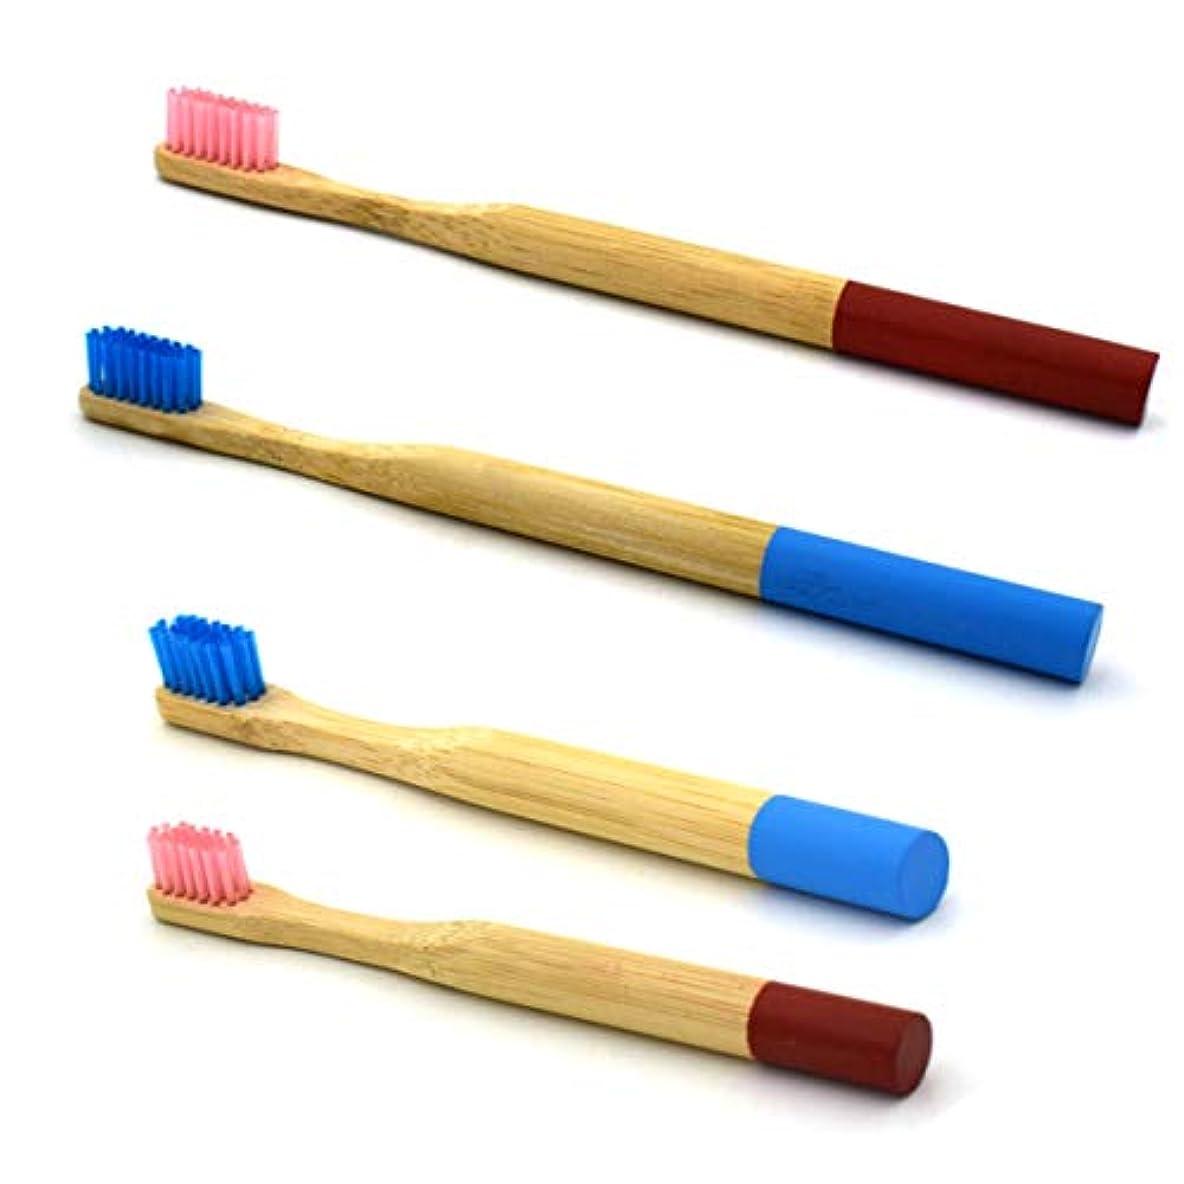 インセンティブ調和のとれた消防士SUPVOX 柔らかい毛の丸いハンドルが付いている2組の天然の竹歯ブラシ